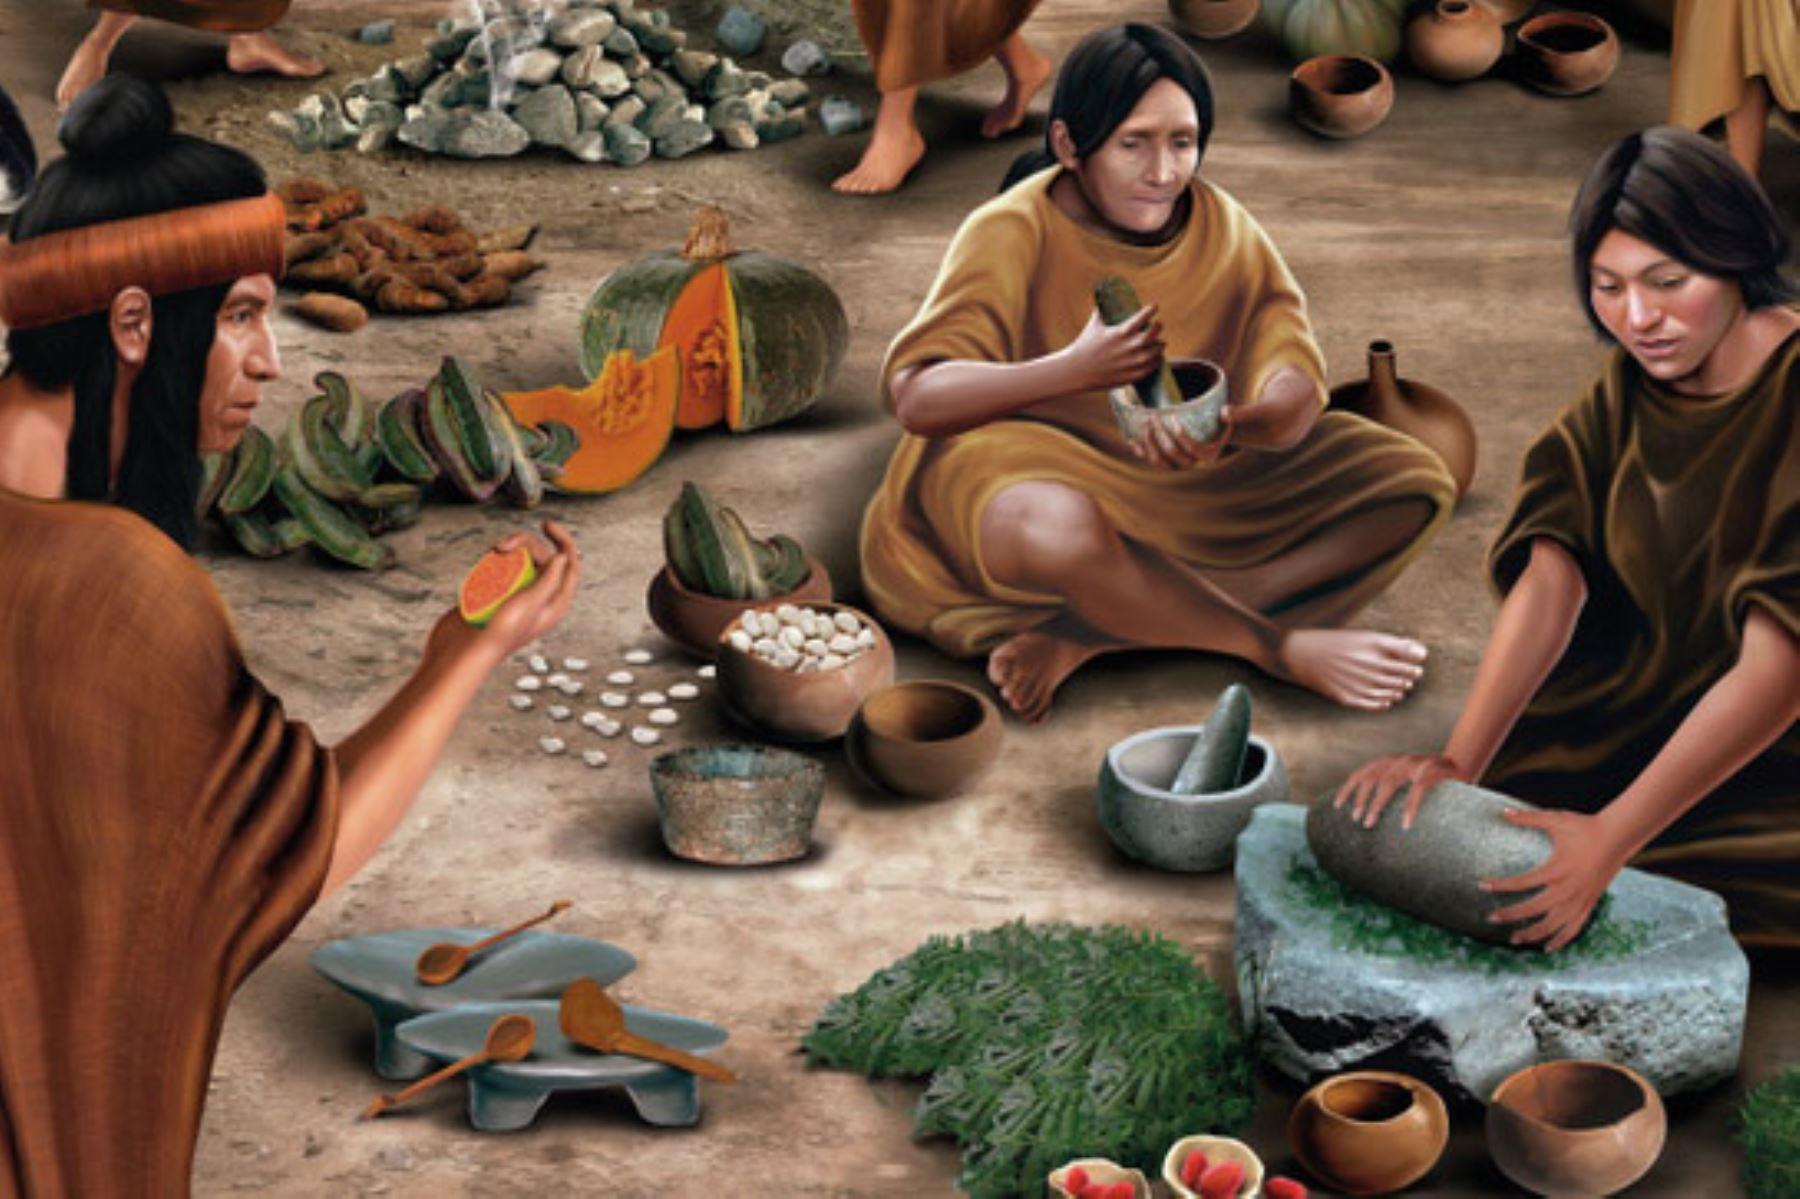 Día de la Medicina Peruana: Civilización Caral usó plantas con fines medicinales